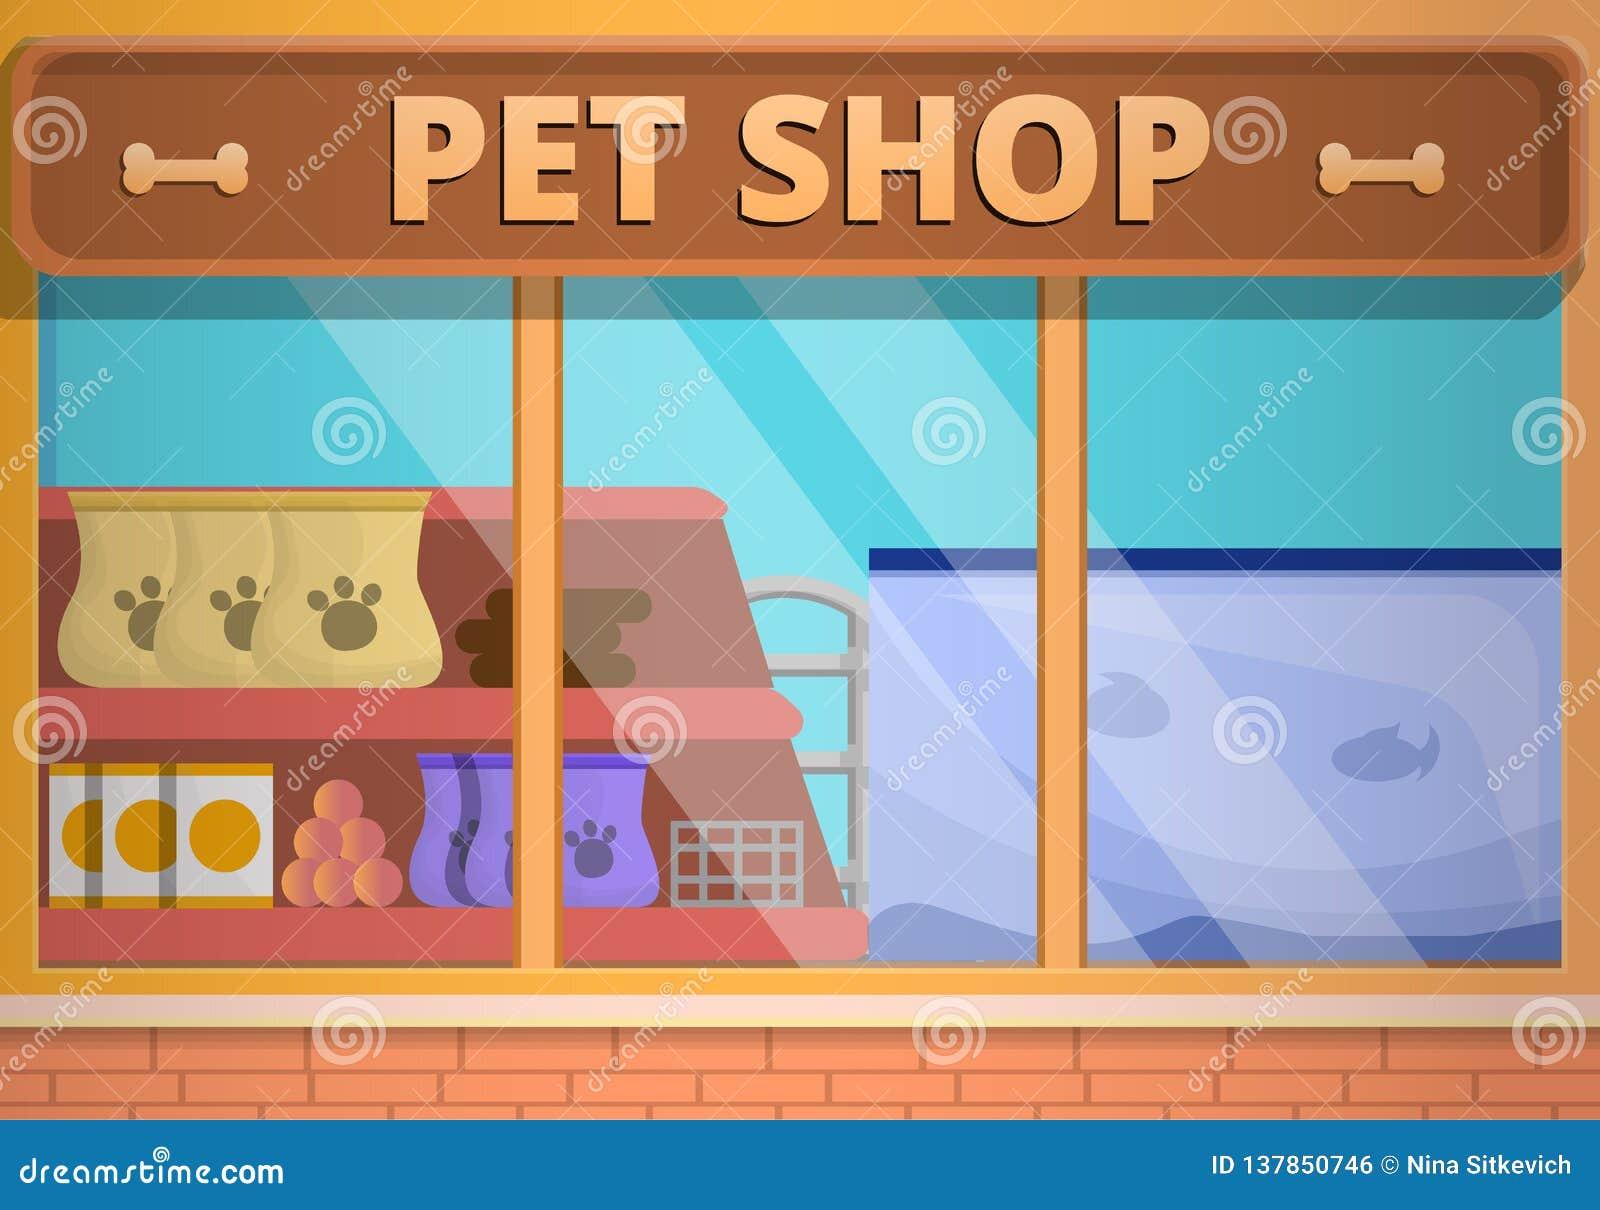 Bandeira de vidro do conceito da loja de animais de estimação, estilo dos desenhos animados